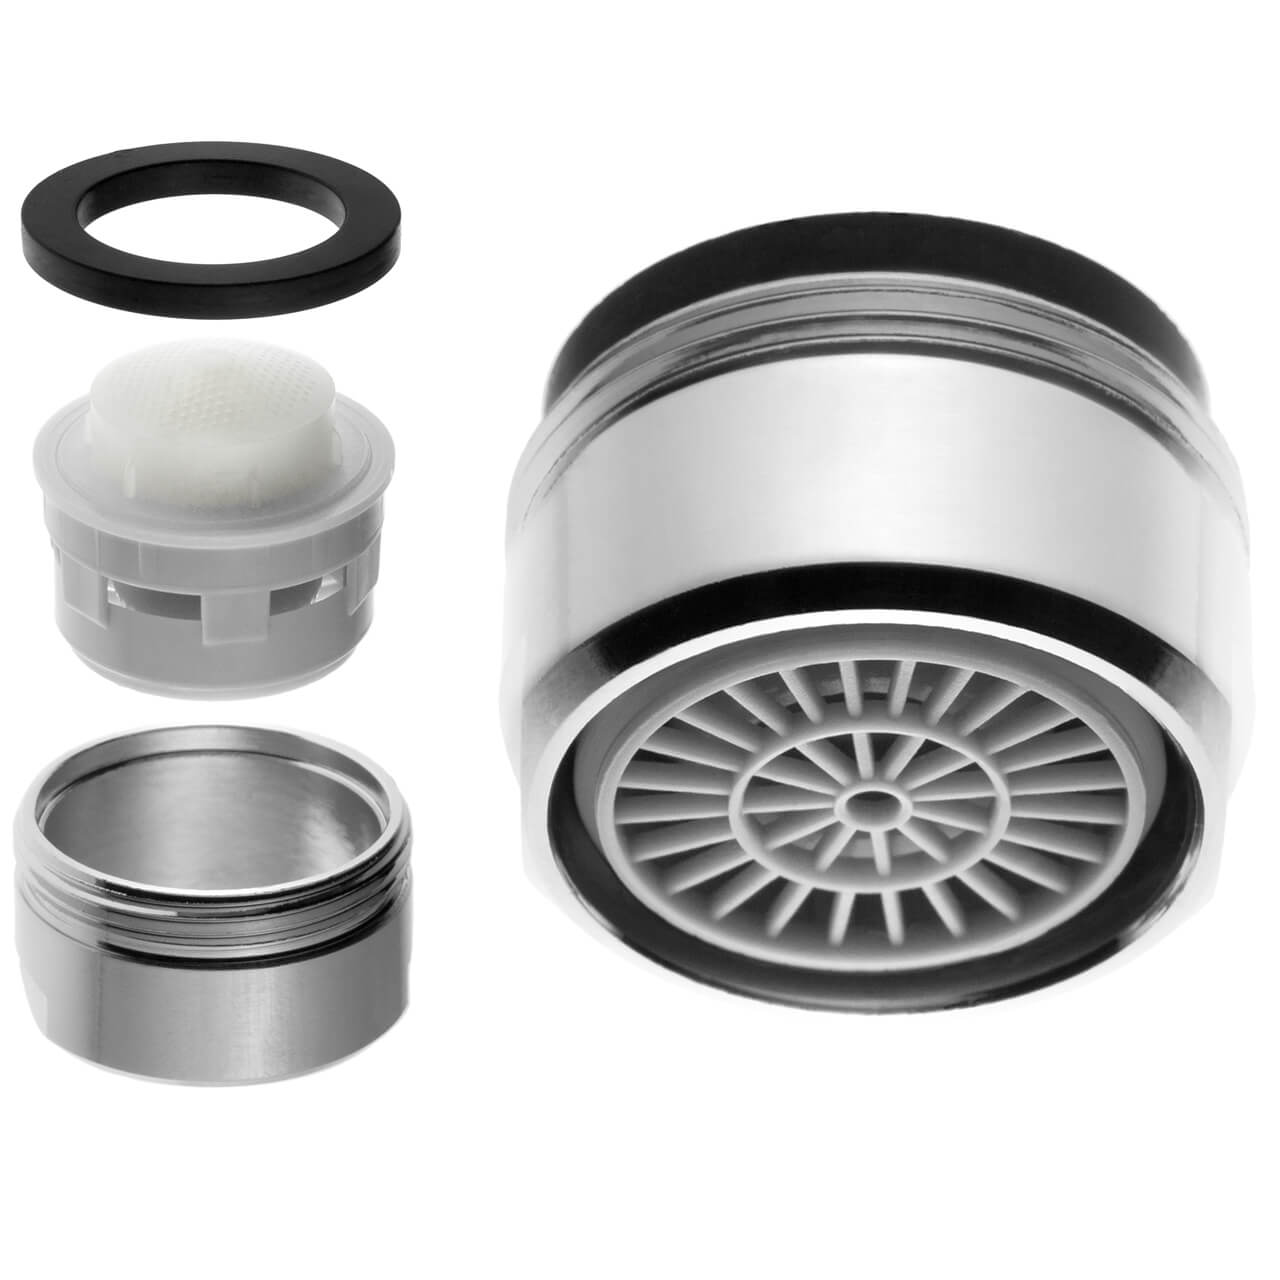 Aeratore per rubinetto EcoVand 4 l/min